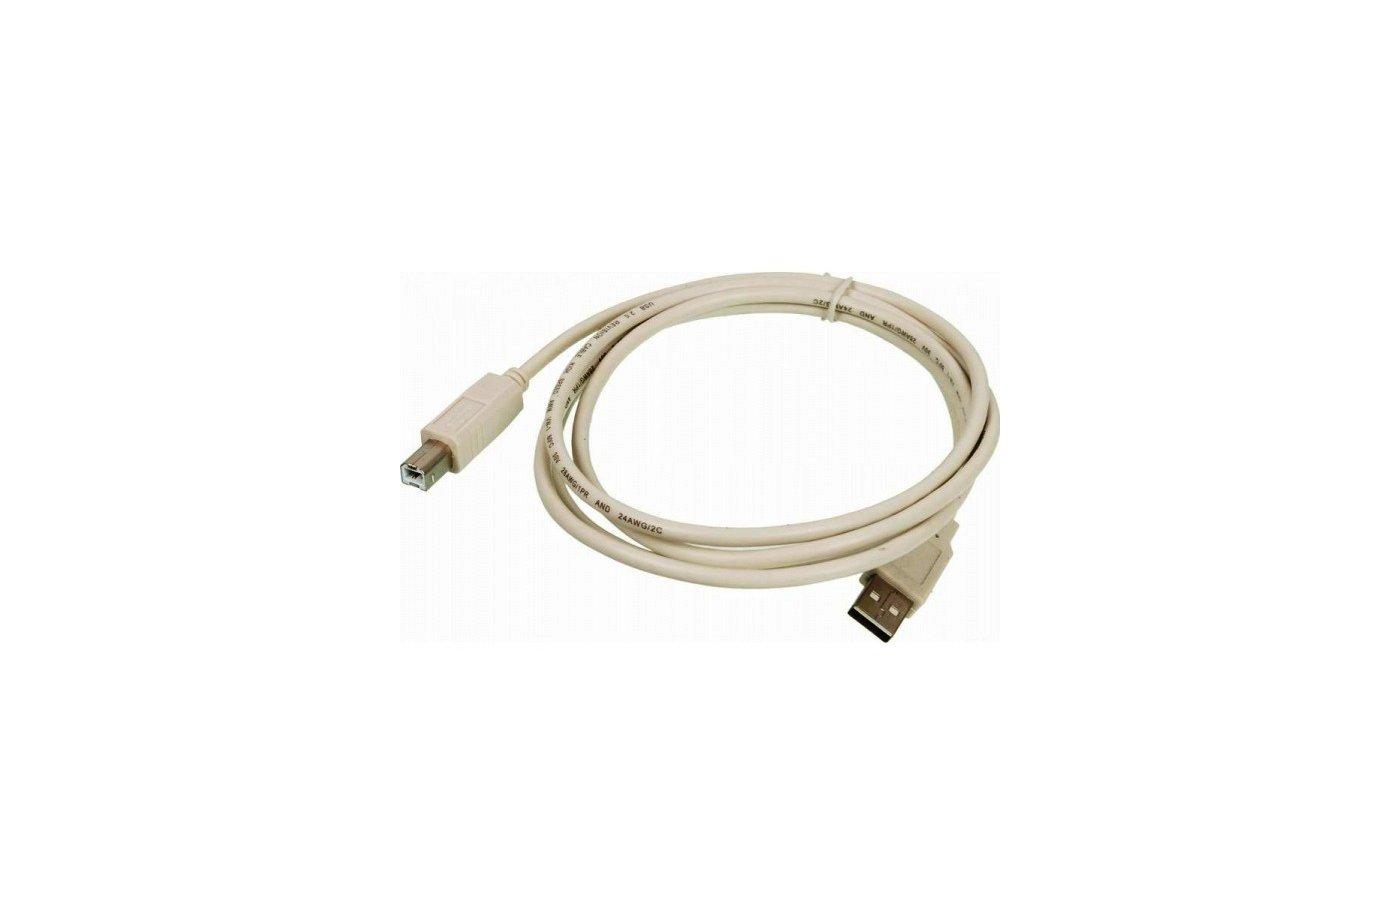 USB Кабель Ningbo USB2.0 A(m) - B(m) 1.8м (841886)